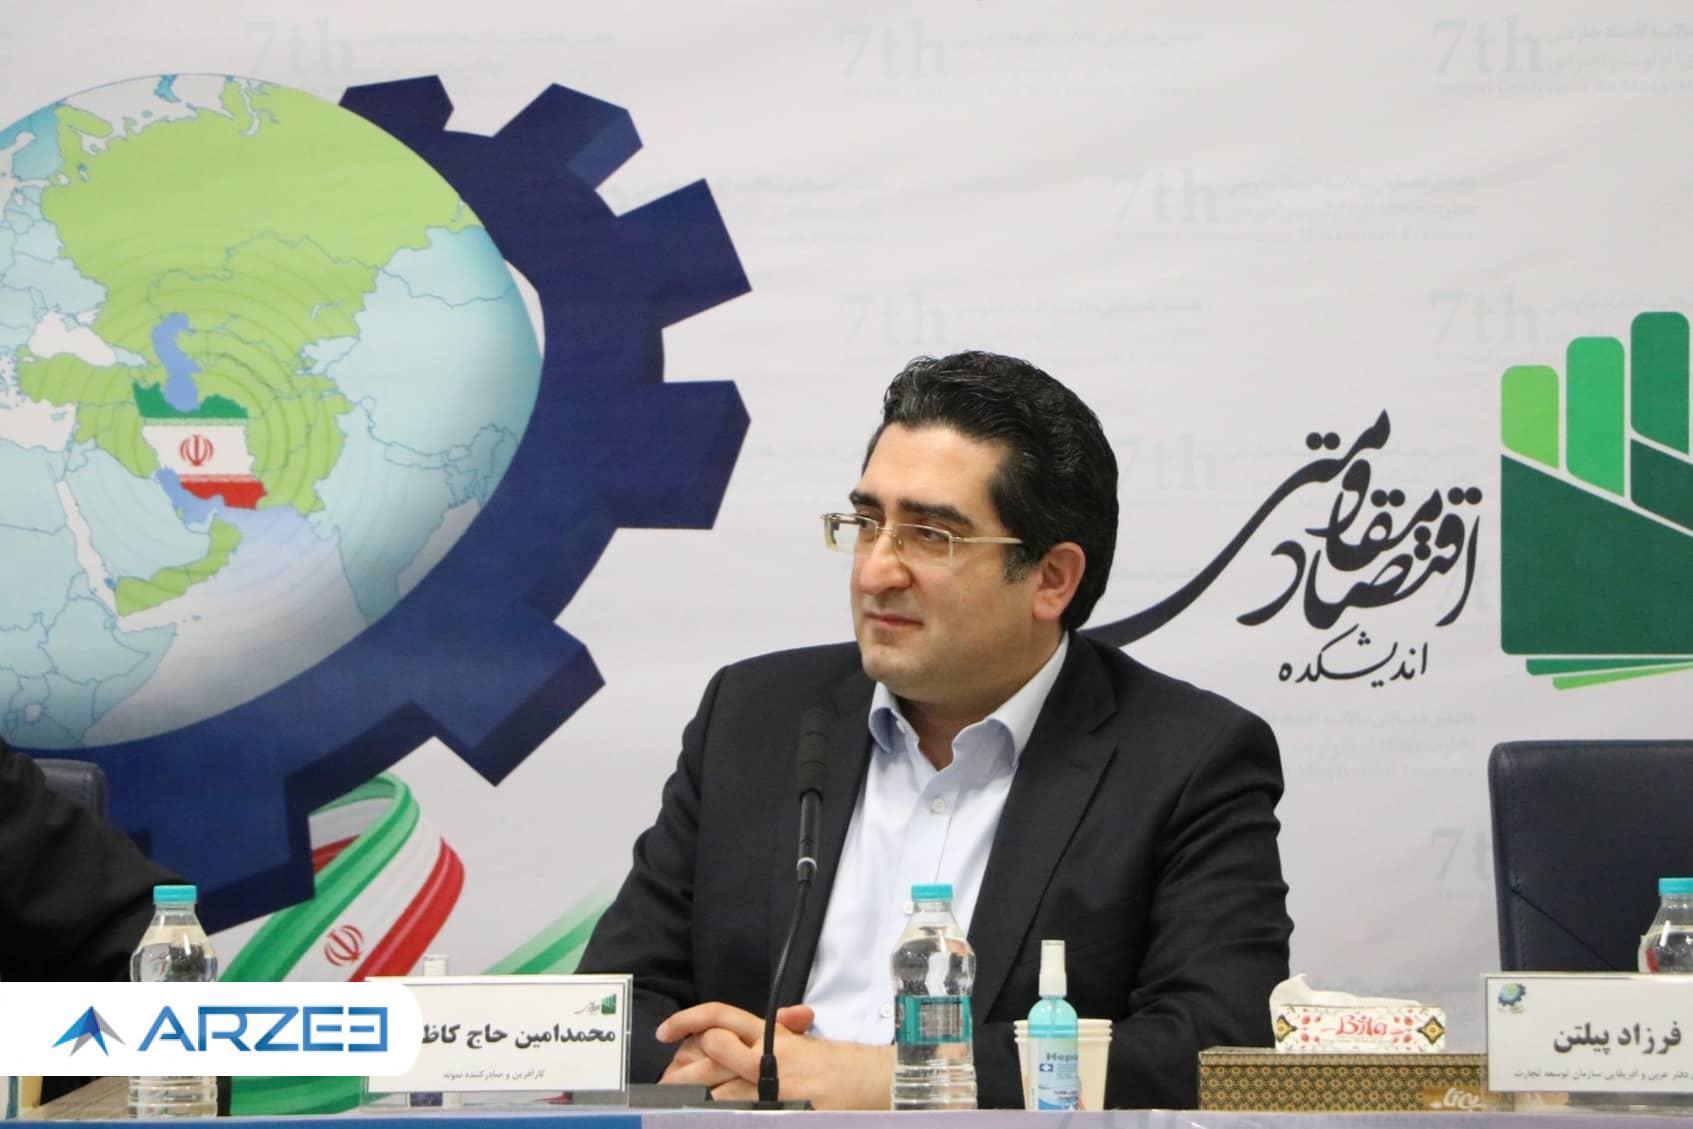 تولید مشترک با کشورهای منطقه بستر ورود کالای ایرانی به بازارهای جهانی